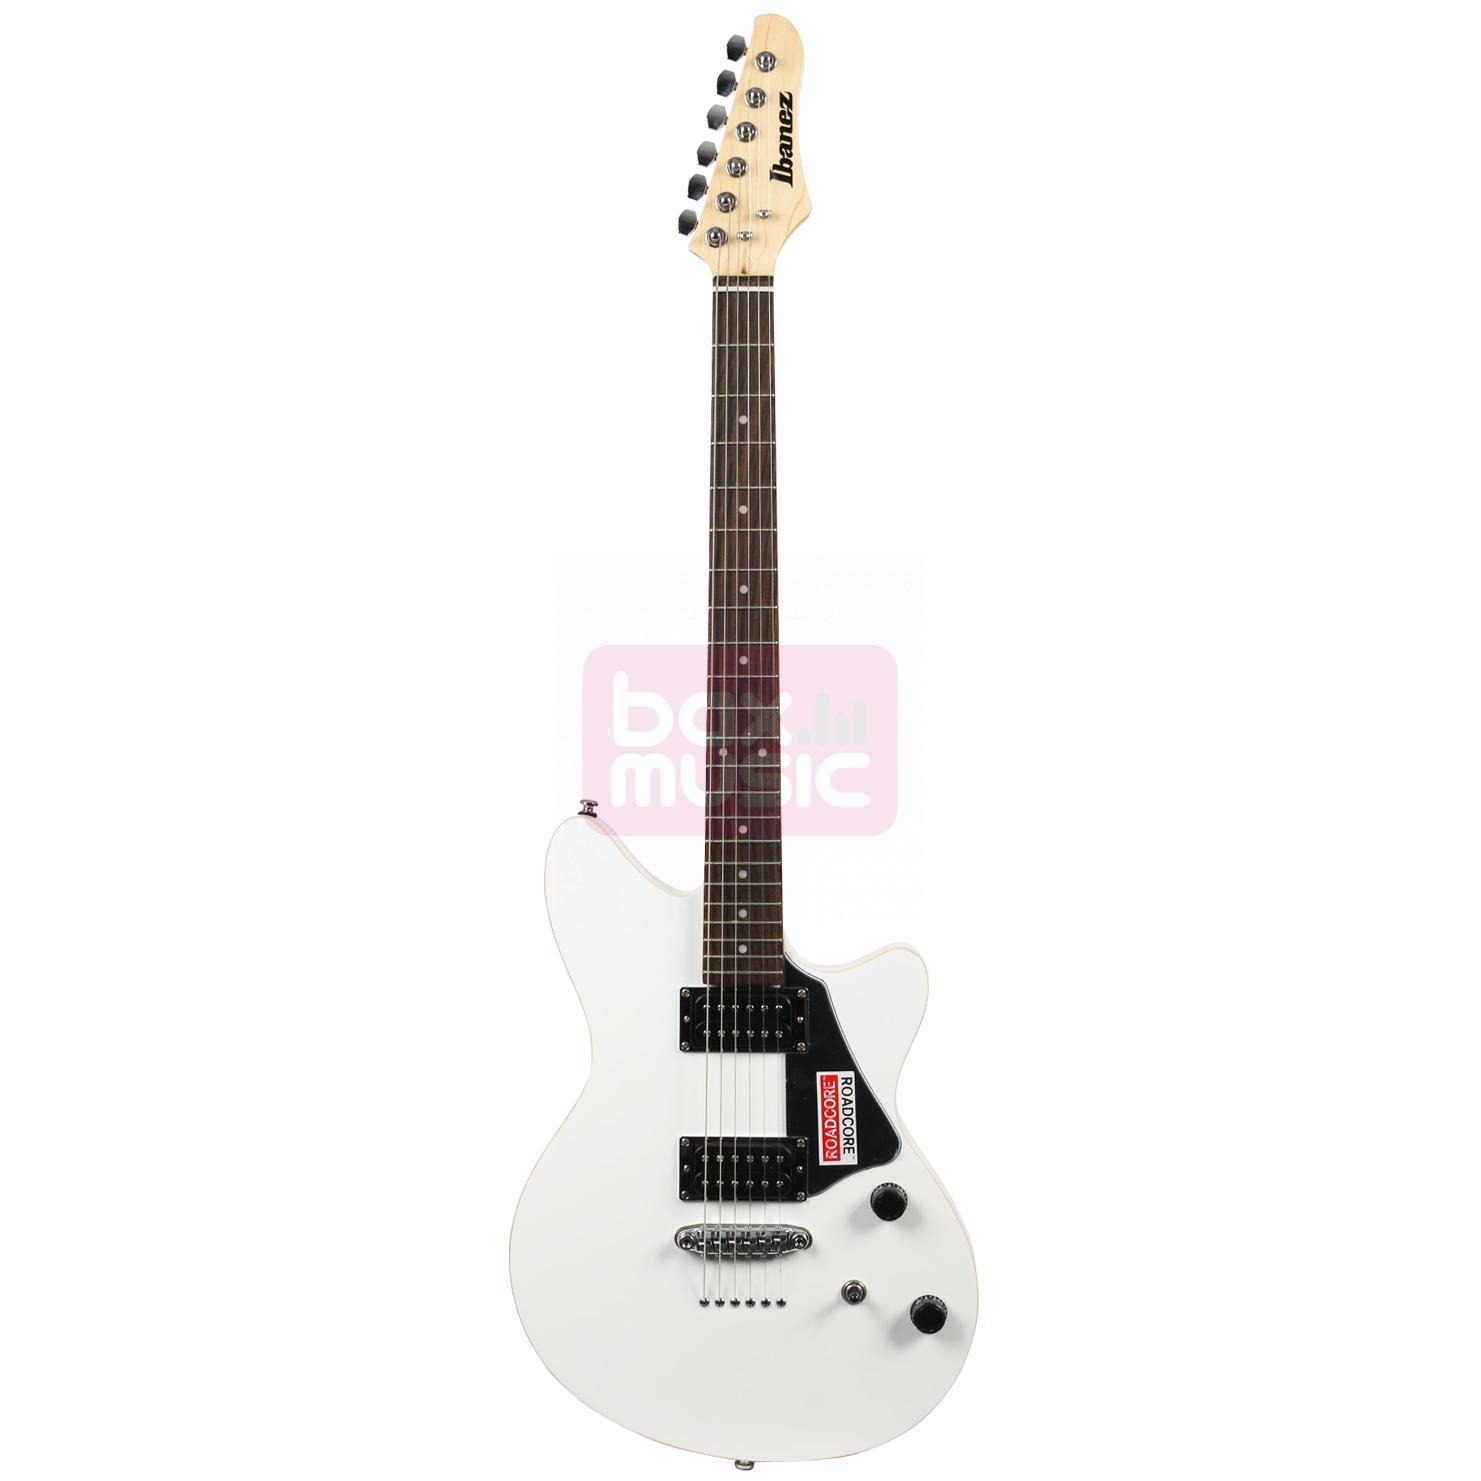 Ibanez RC320 Roadcore White elektrische gitaar